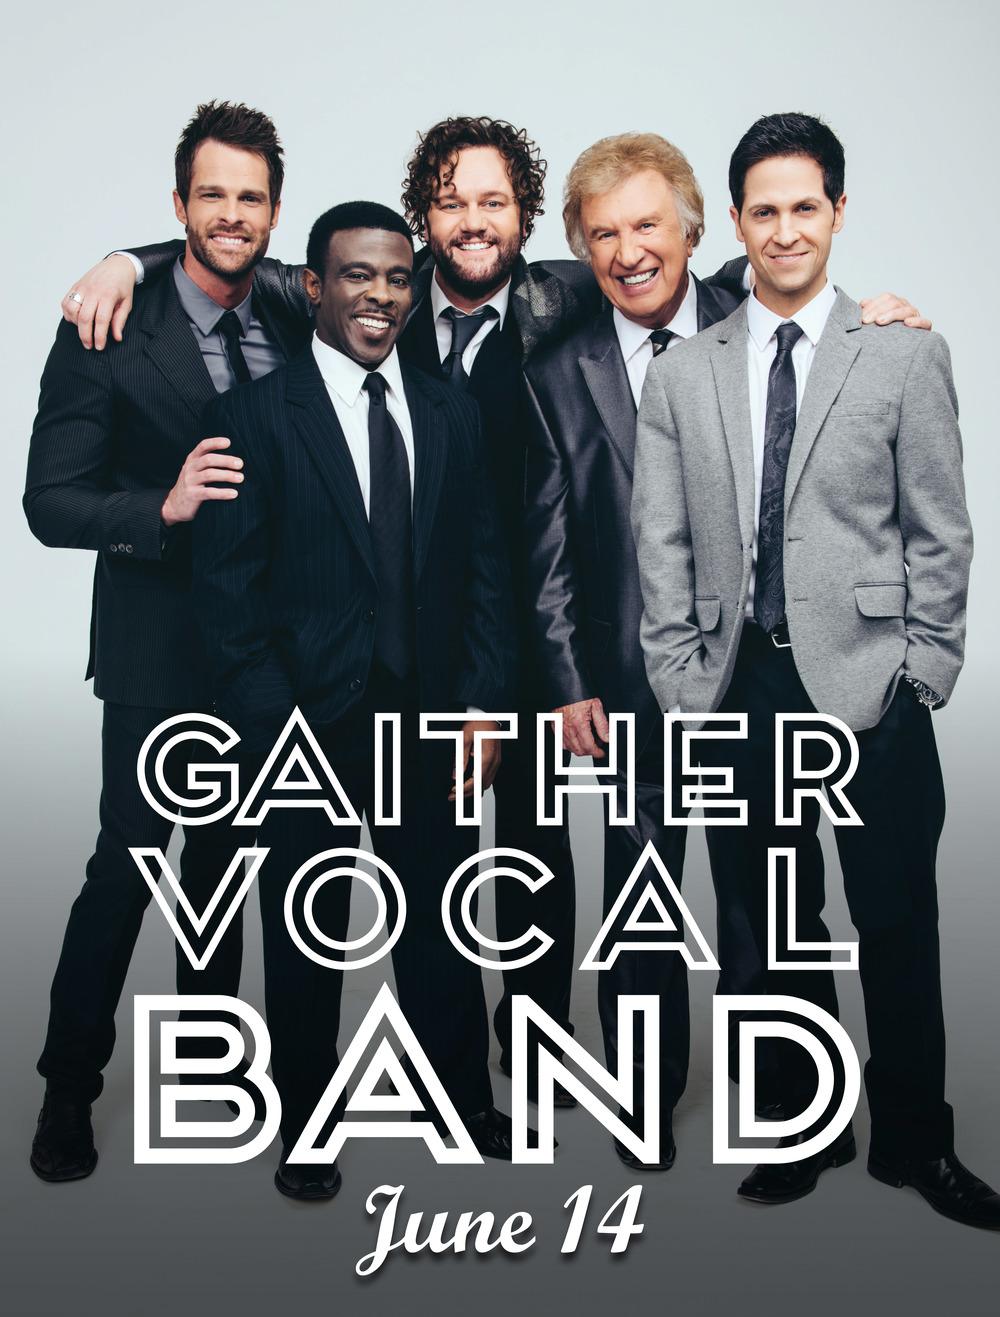 Backlit - Gaither Vocal Band - 06.14.14.jpg